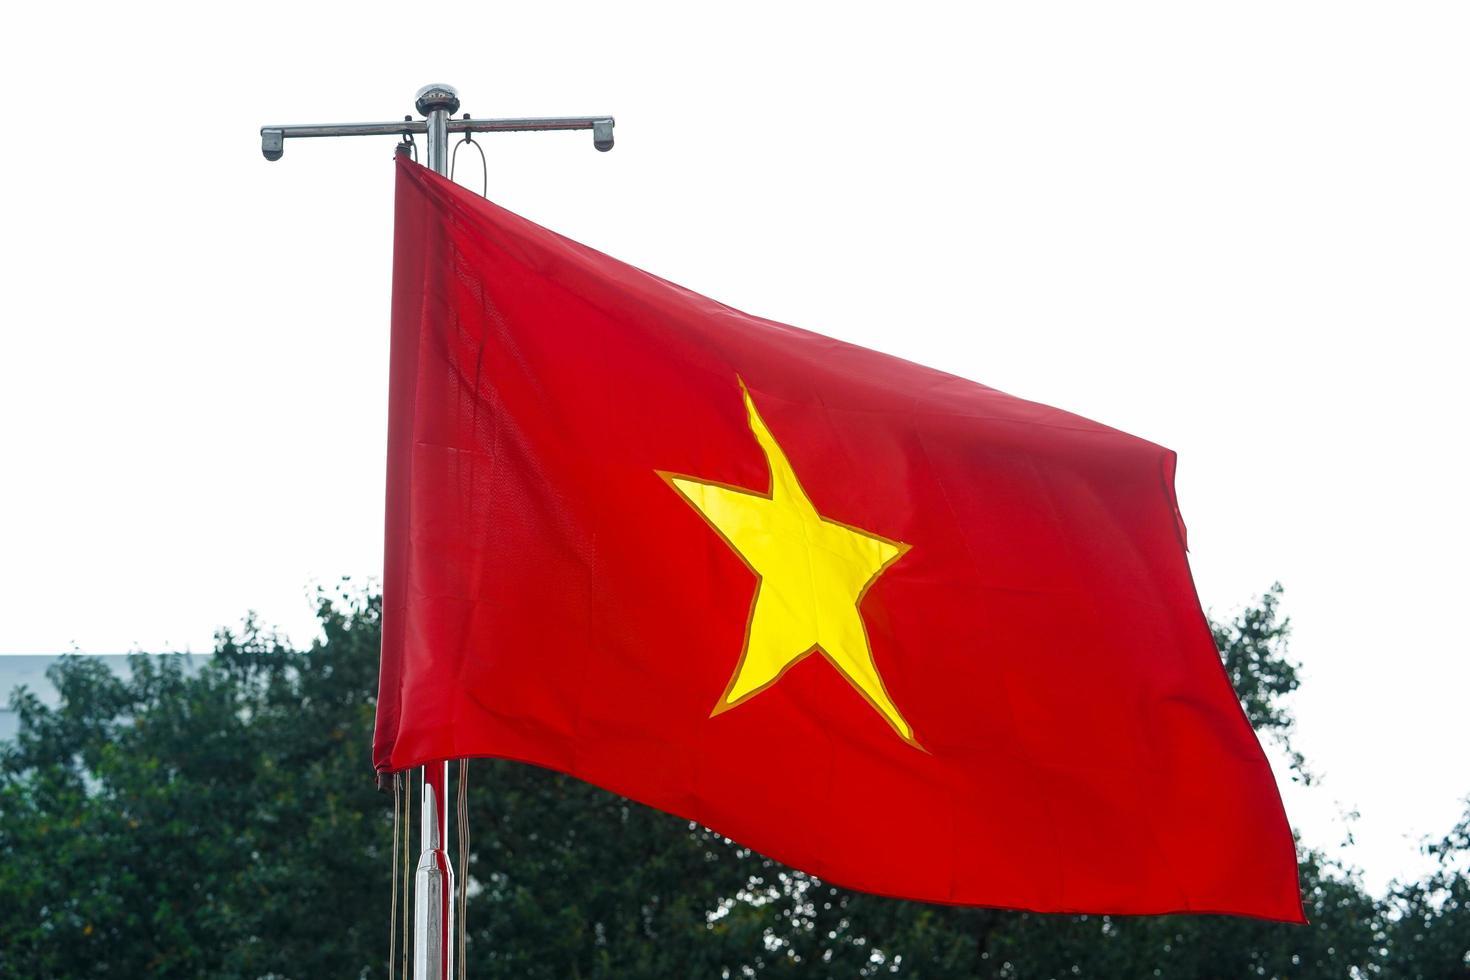 Vietnamese vlag, vlag van Vietnam, rode vlag met gele ster foto